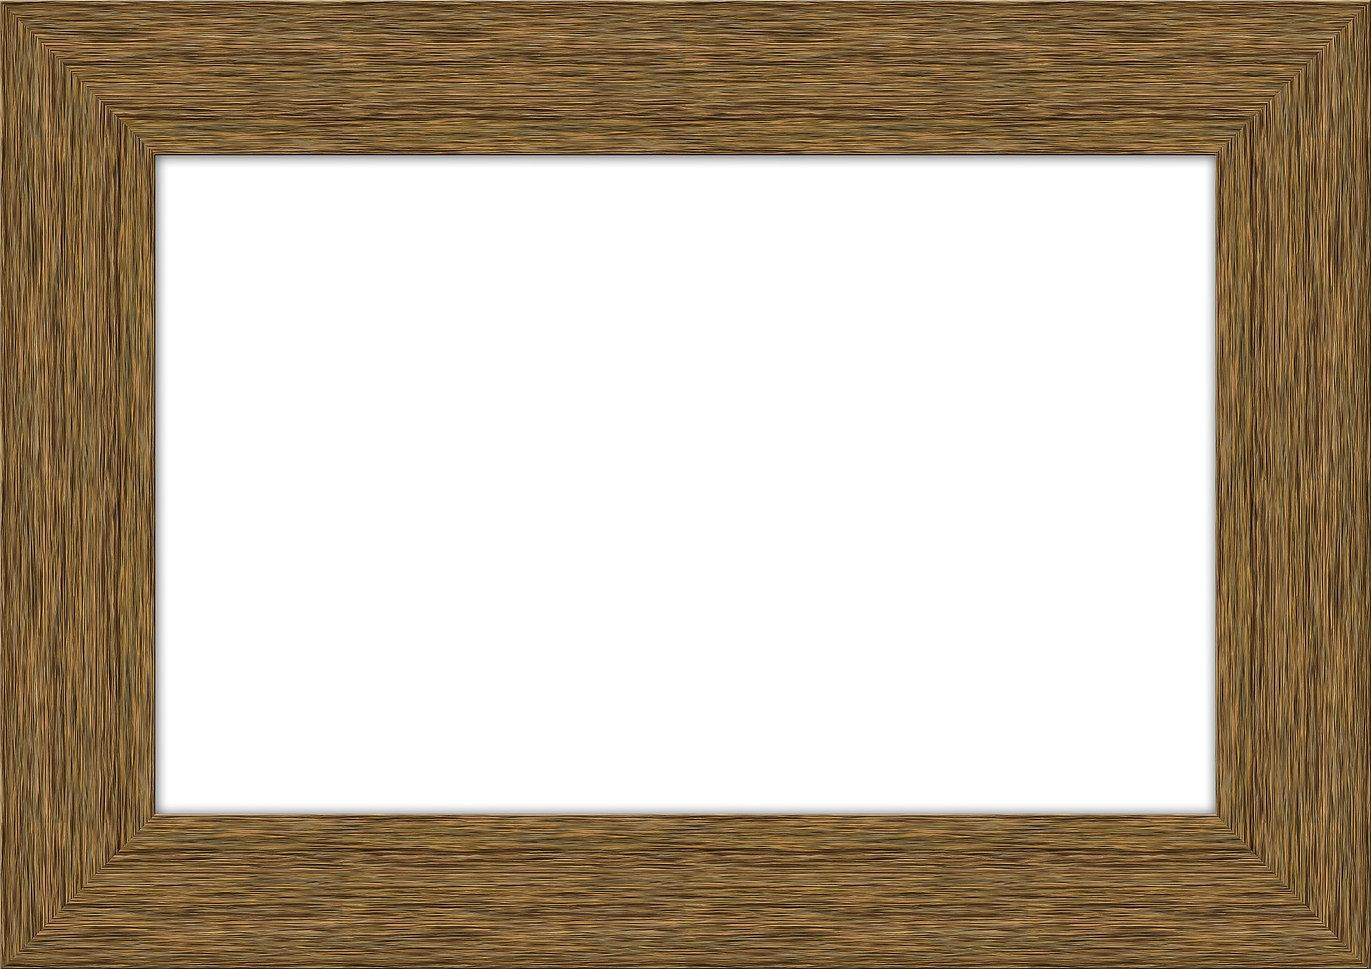 frame-91448_1920.jpg